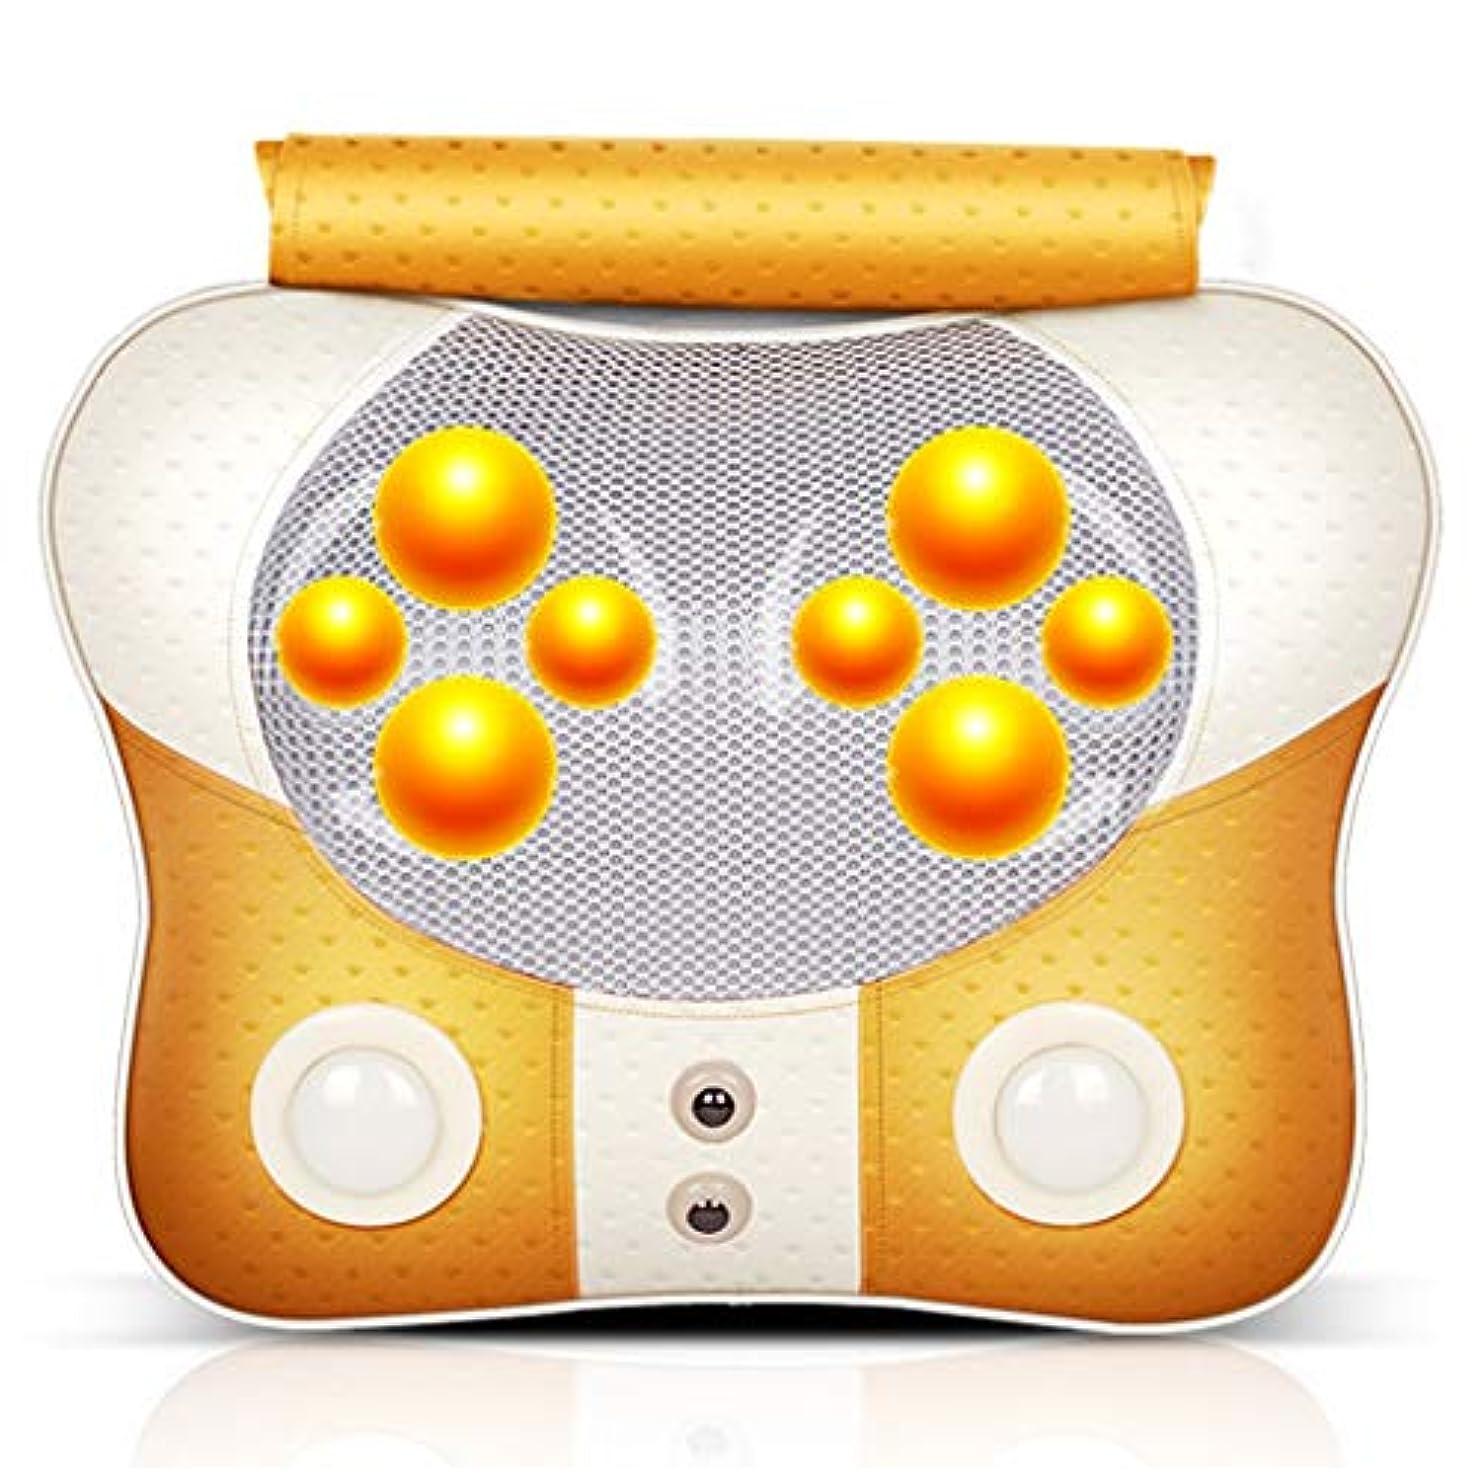 世紀のぞっとするようなマッサージ電気の 加熱された 多目的 ネック 指圧 マッサージ 杭打ち ウエスト マッサージャー 子宮頸椎 マッサージピロー 全身 マッサージ クッション。 MAG.AL,イエロー